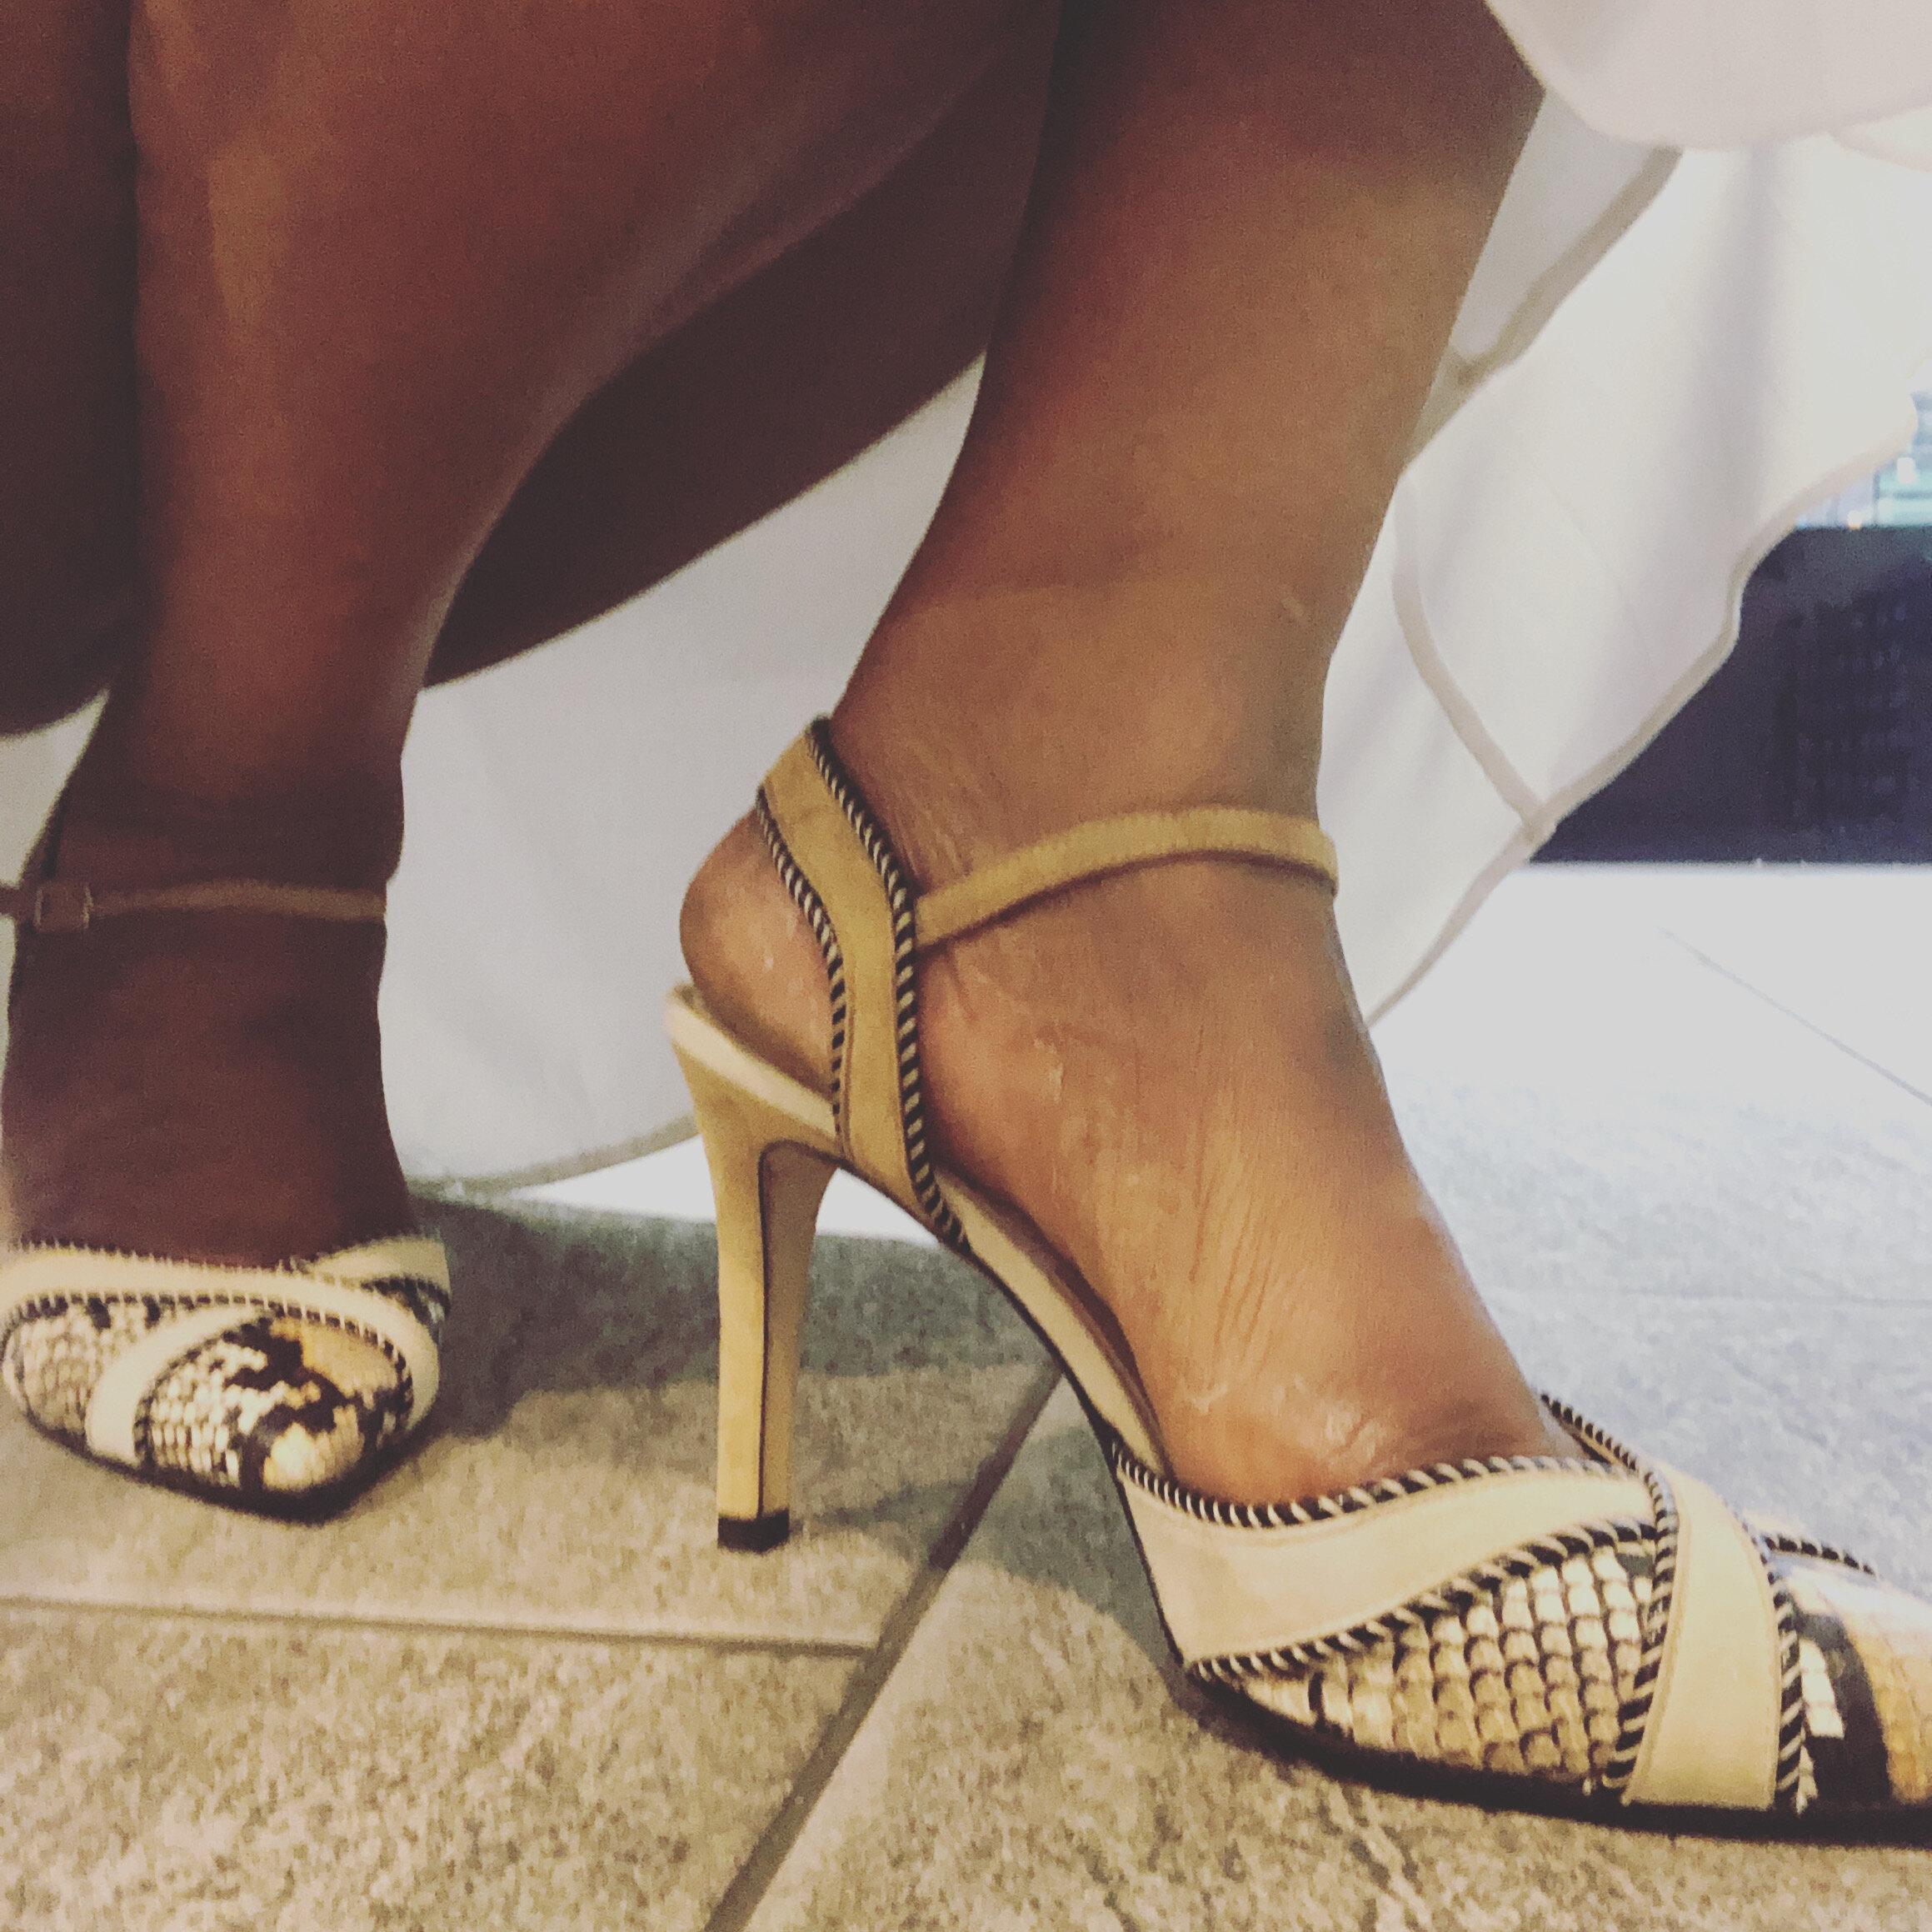 Snakeskinshoes.JPG